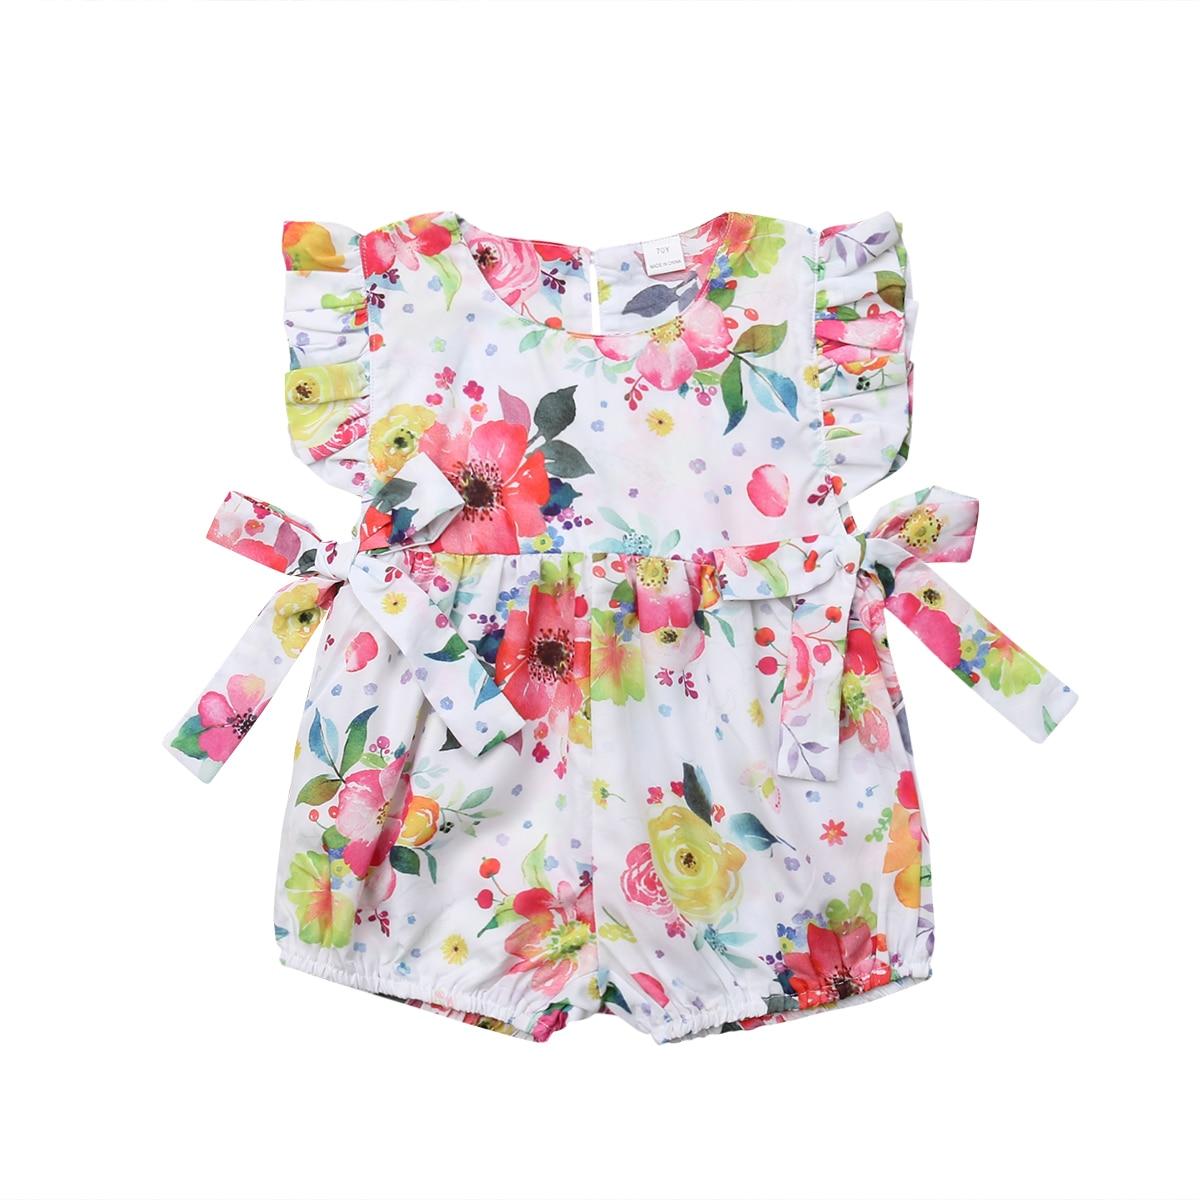 2019 Neue Nette Blume Infant Baby Mädchen Kleidung Rüschen Neugeborenen Mädchen Strampler Sommer Overall Overall Baby Mädchen Kostüm Modernes Design